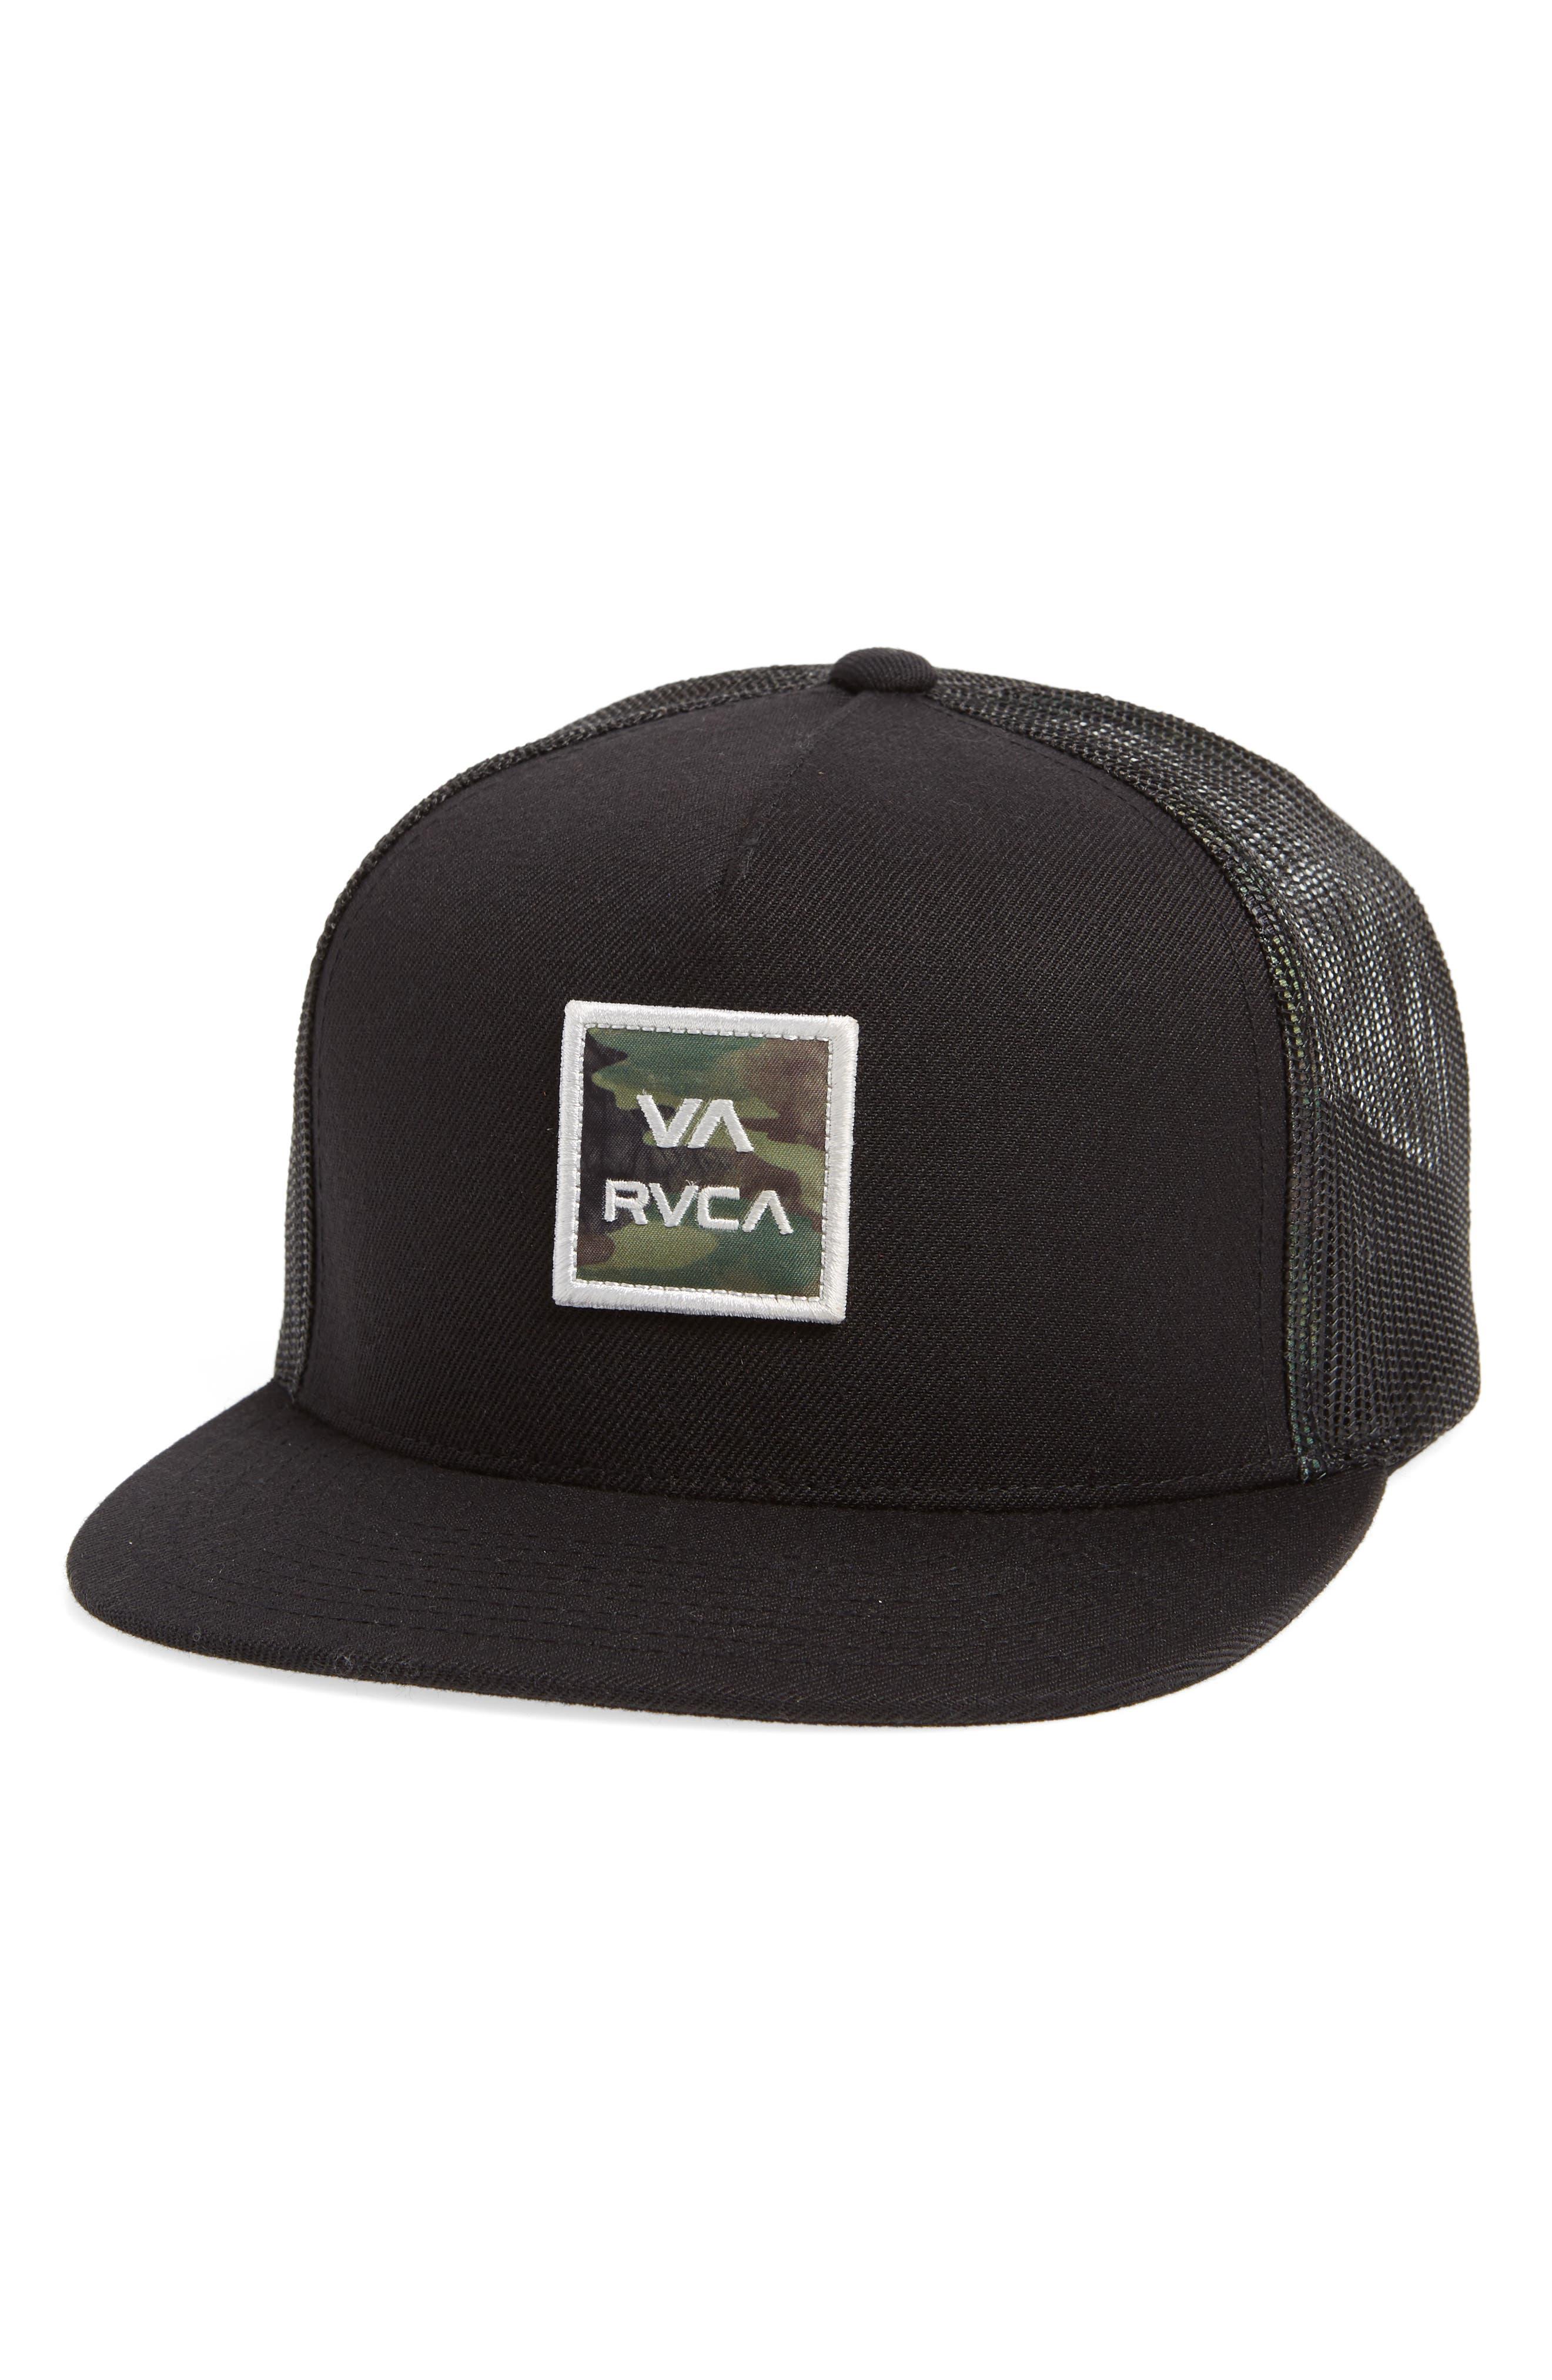 RVCA VA All the Way Trucker Hat, Main, color, 001